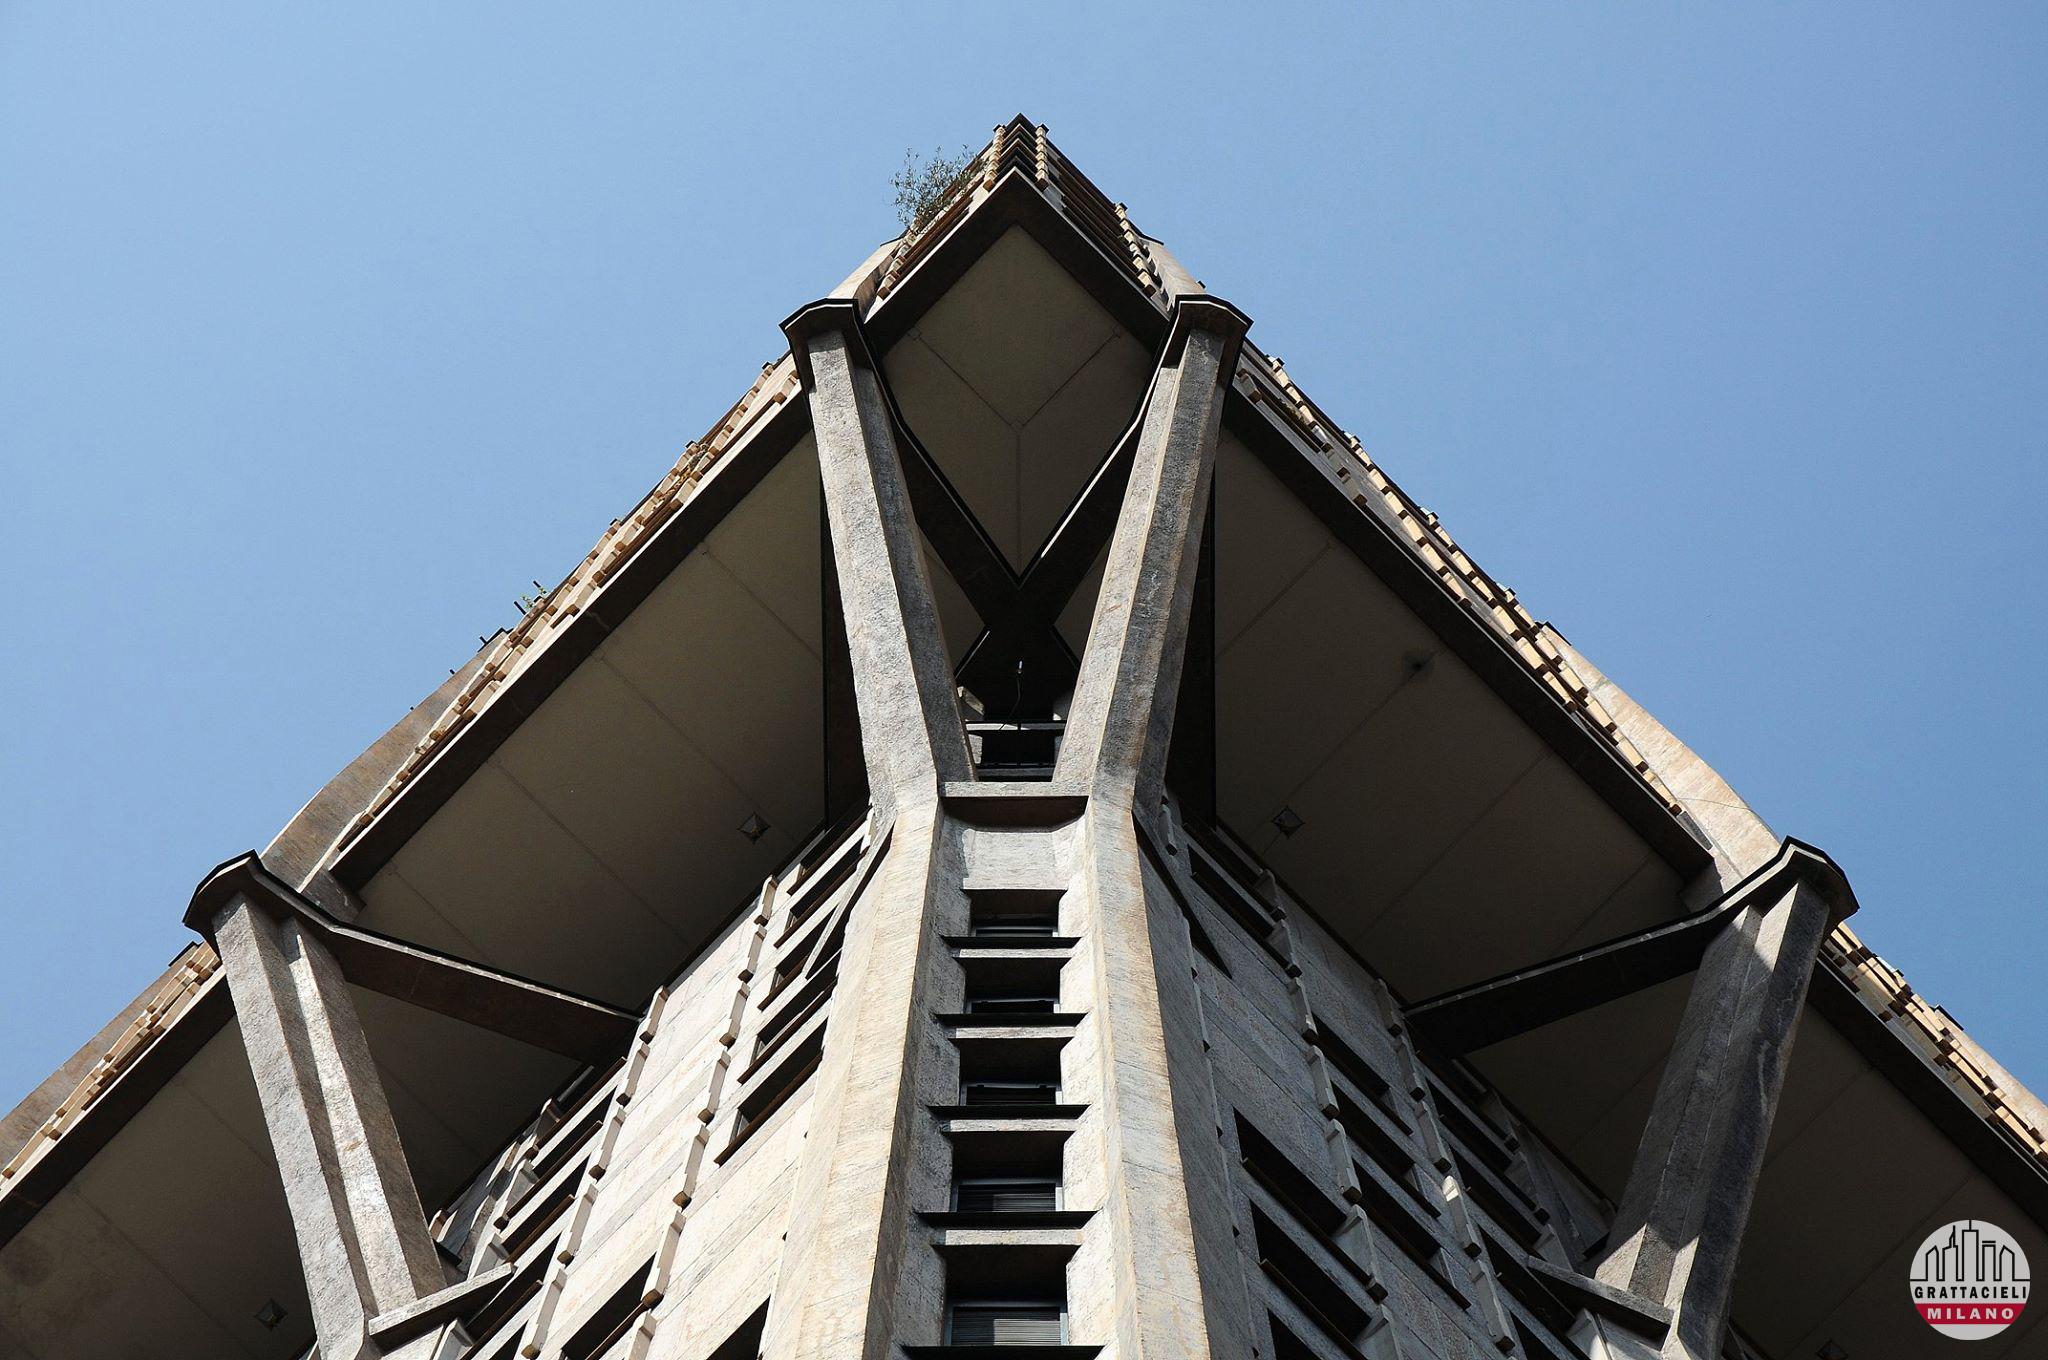 Torre Velasca. © Camillo Comacchio